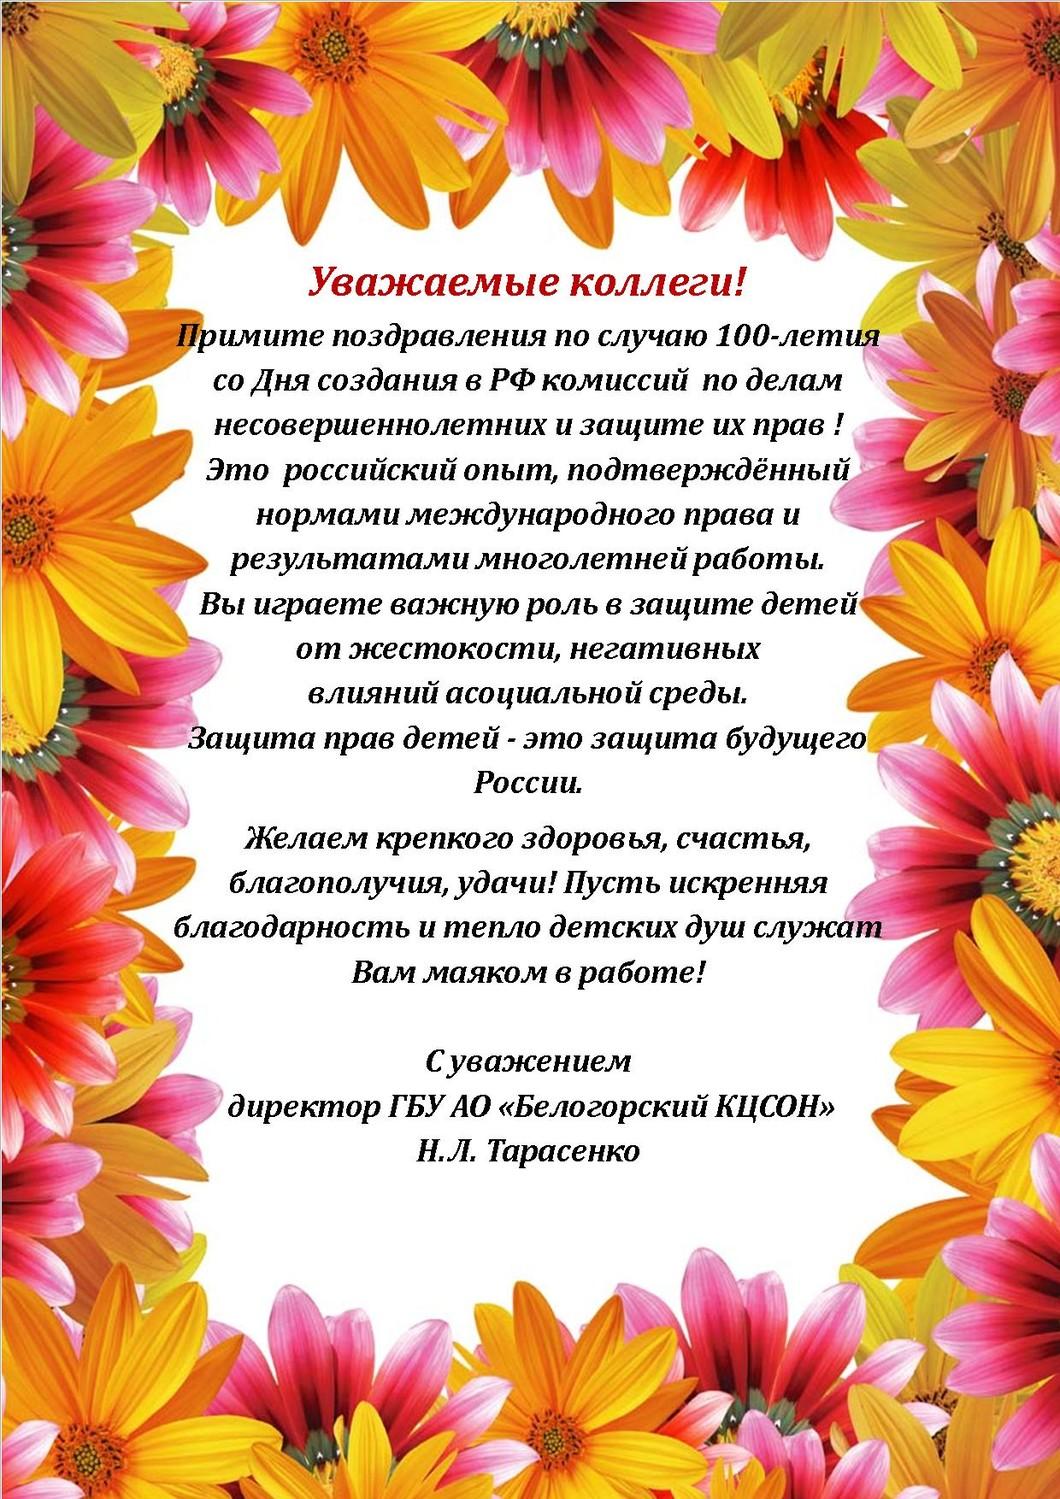 Поздравление с профессиональным праздником инспектора по делам несовершеннолетних